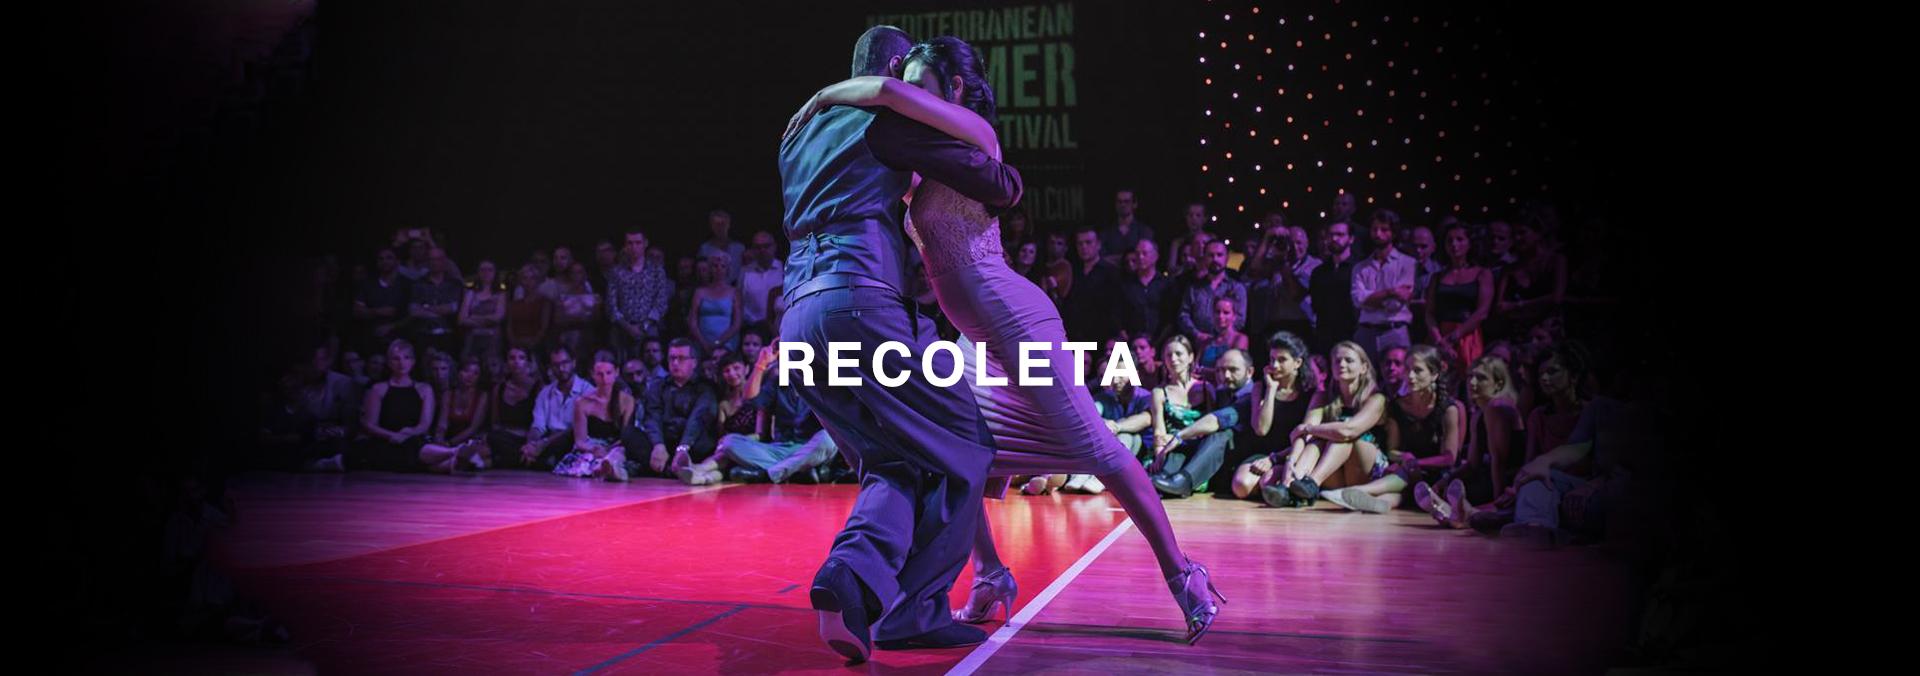 Recoleta Dancers banner